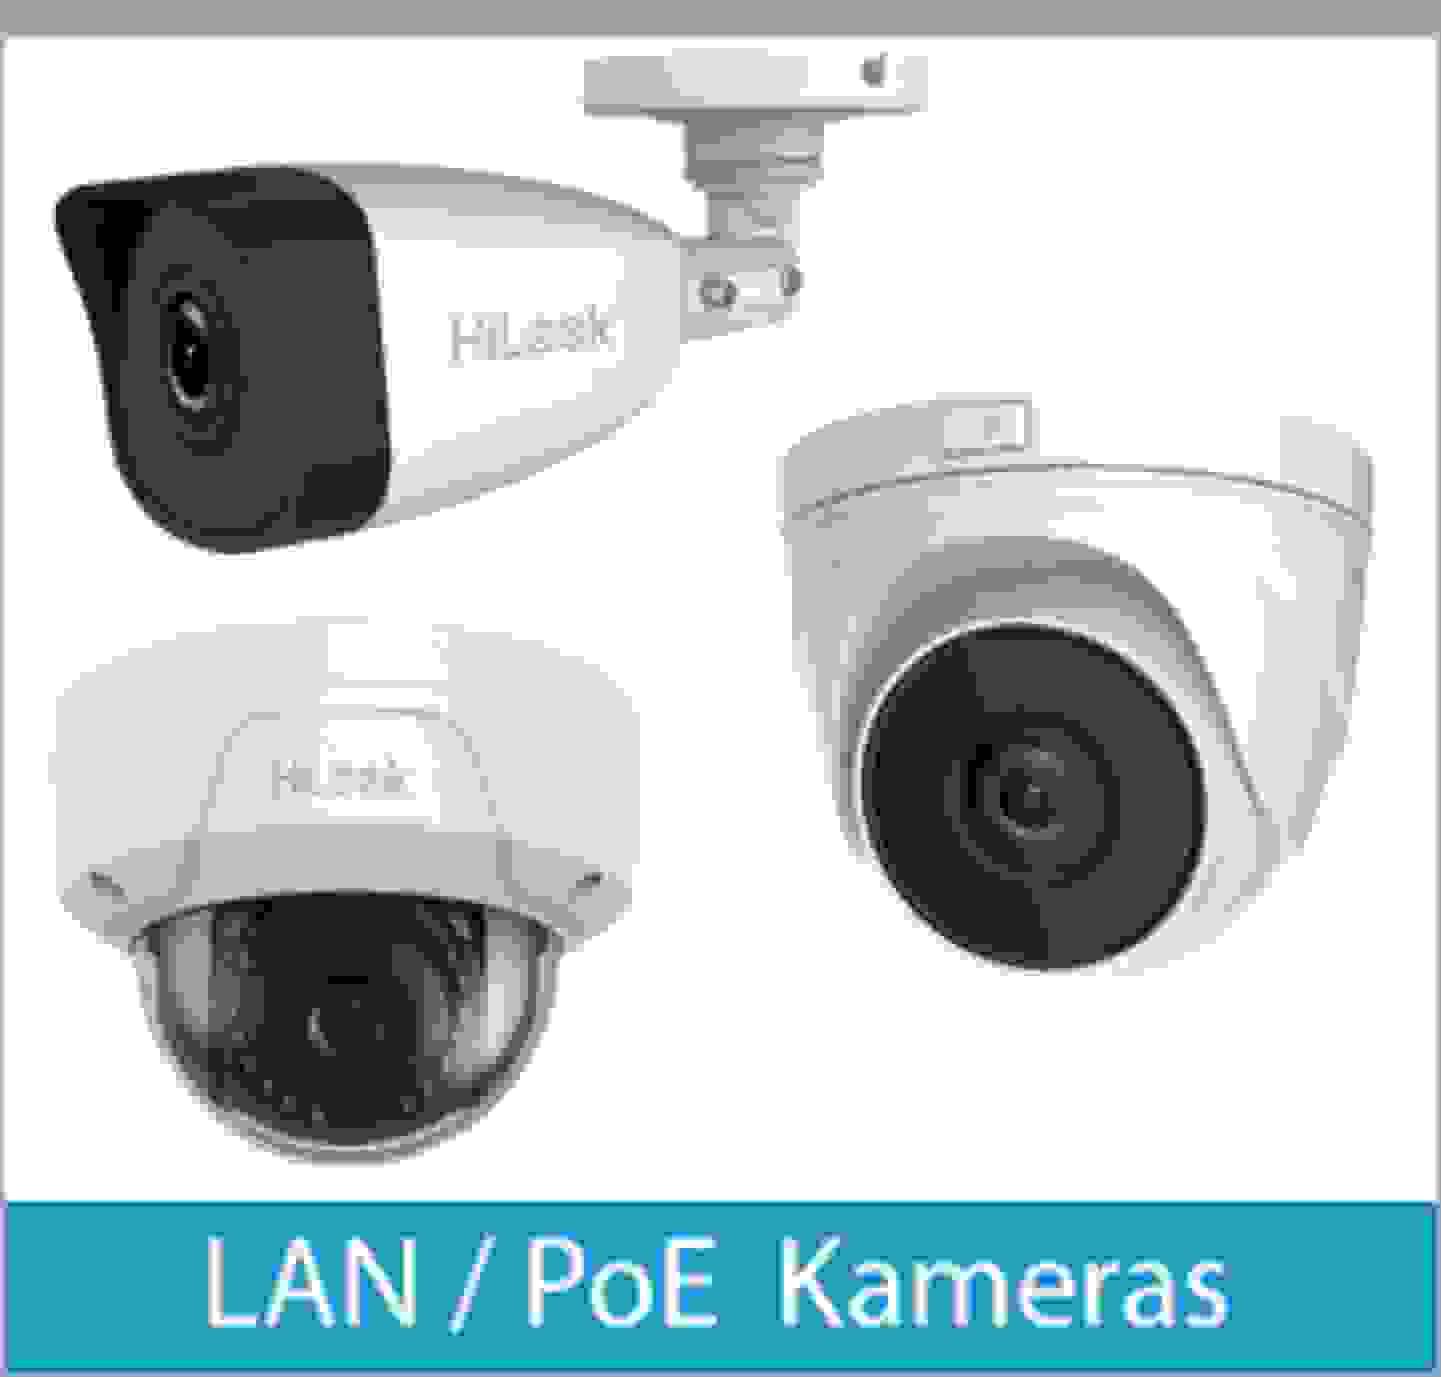 LAN / PoE Kameras